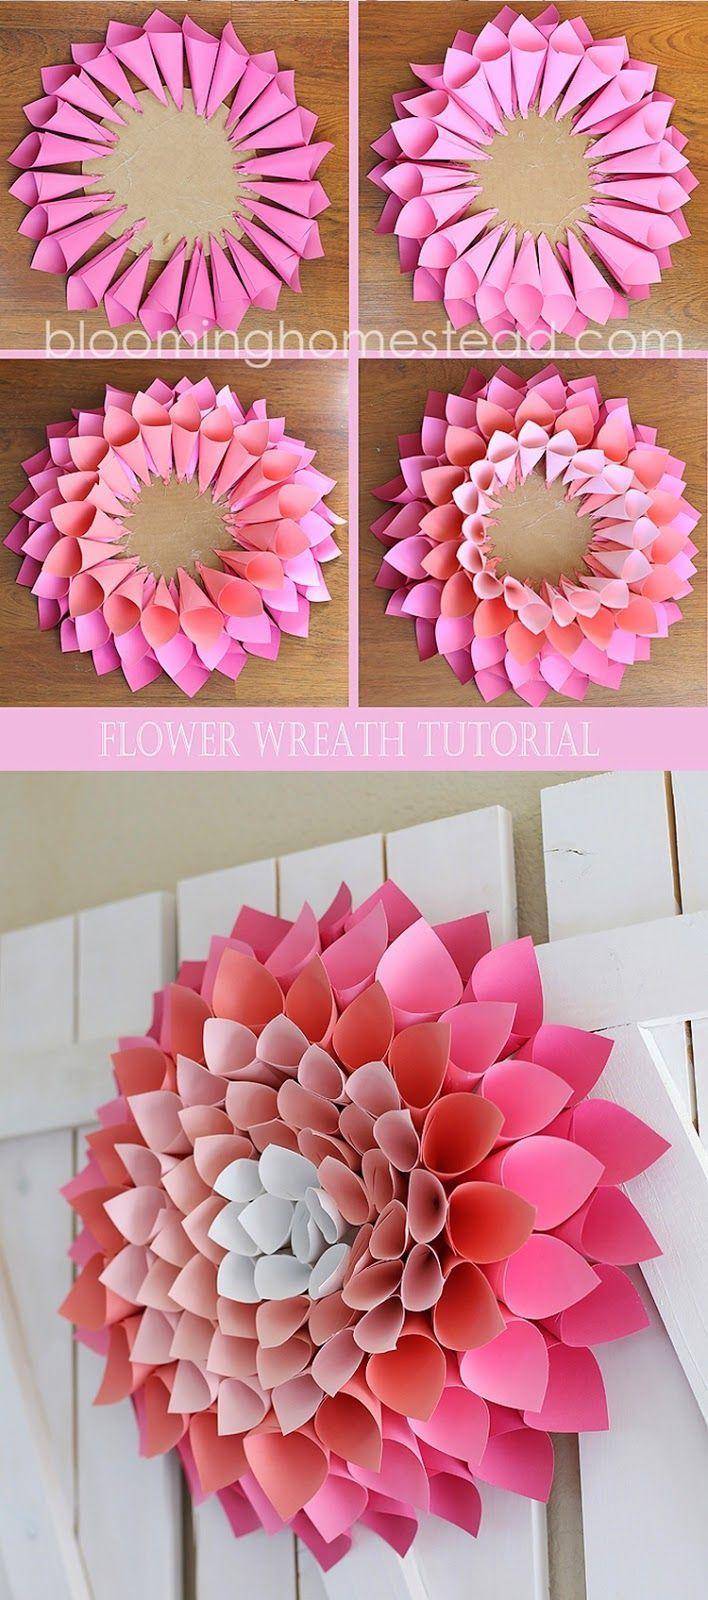 Diy Wall Flowers: Relasé: Interior Design DIY: Ghirlanda Di Petali In Carta